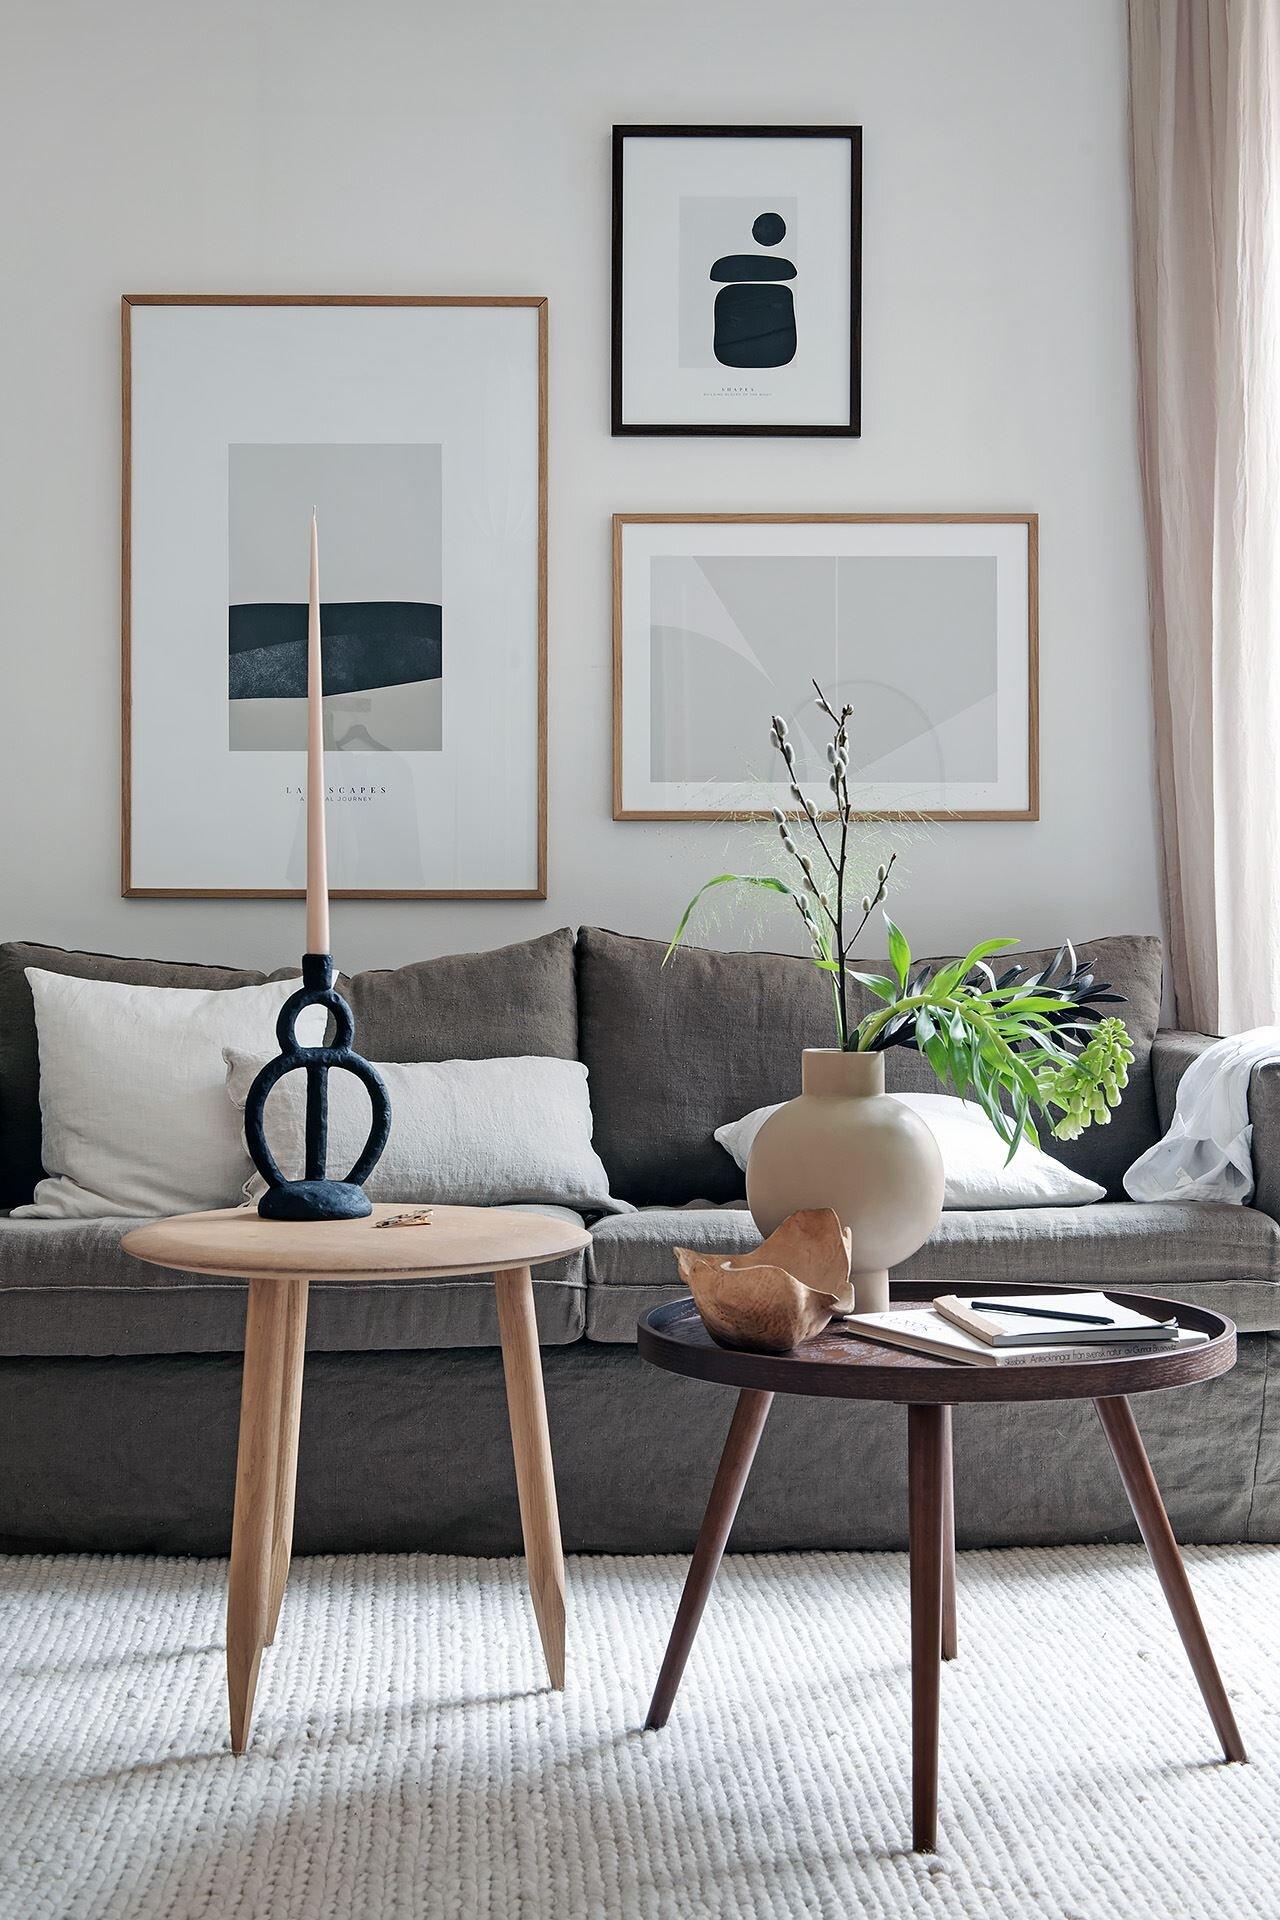 Inred med tavlor i det lilla hemmet